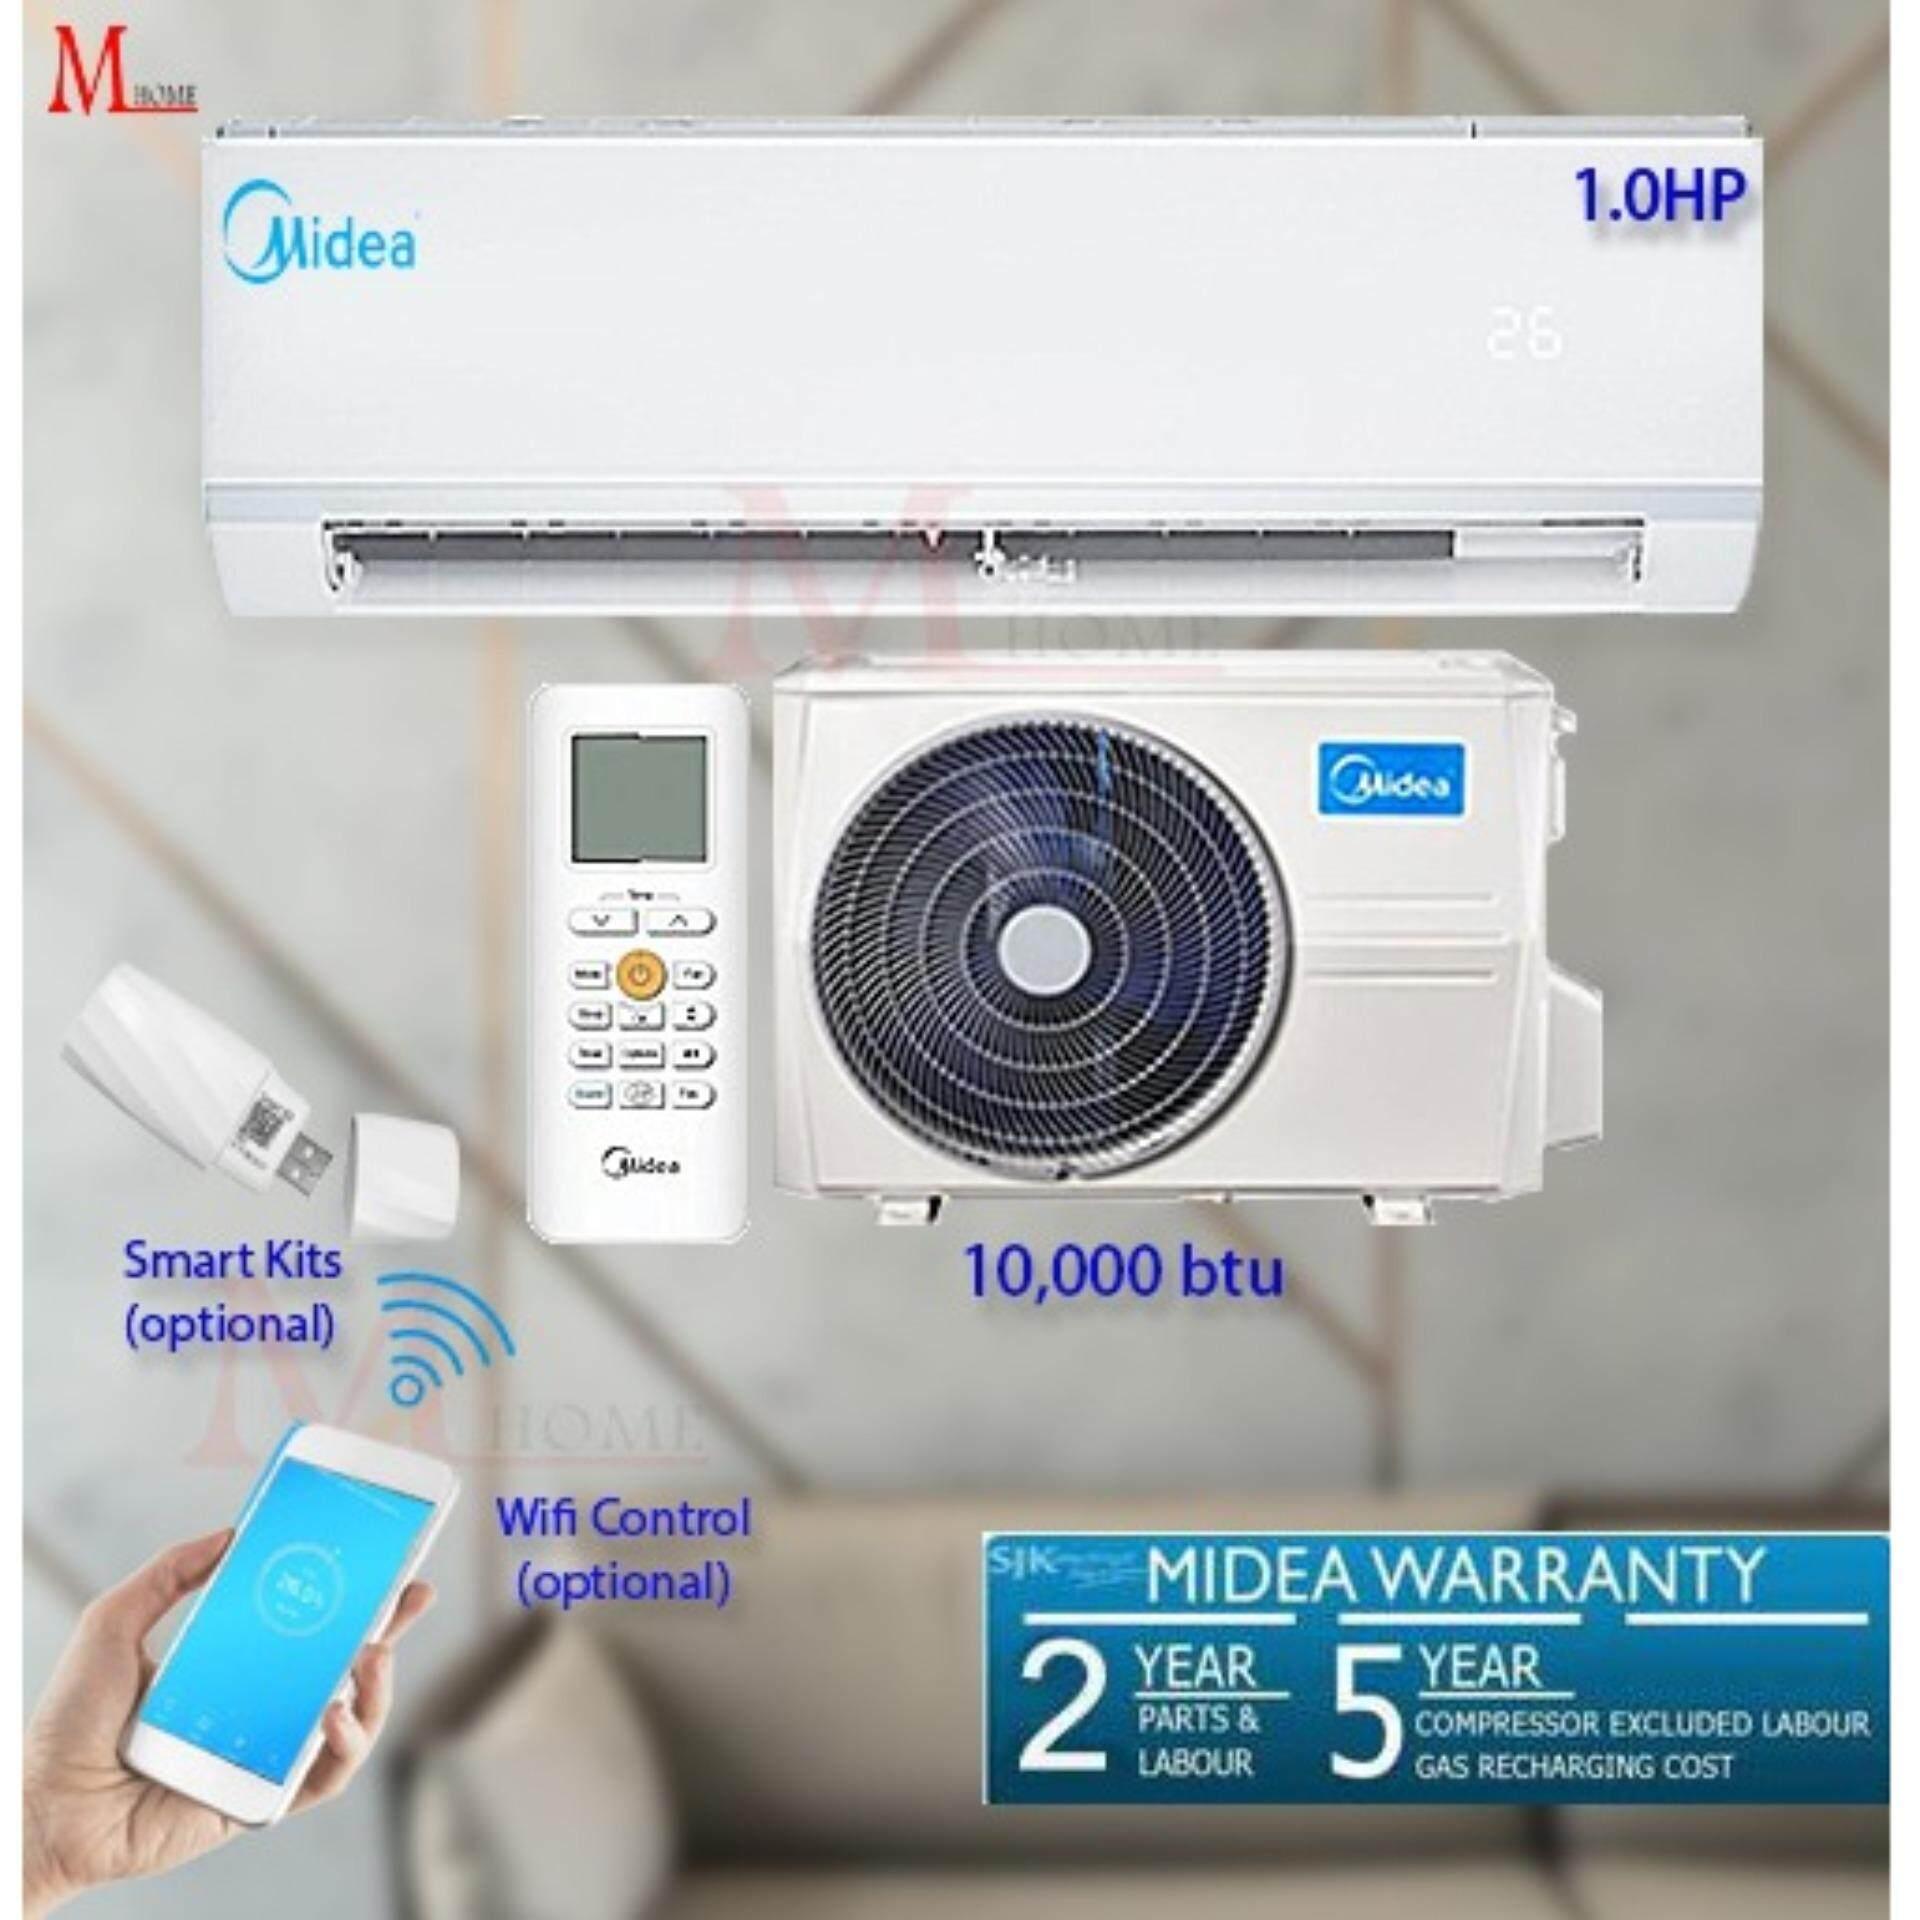 Home · Remote Control Ac Portabel Untuk Midea Dibagi R51m E R51 E International; Page - 2. NEW MIDEA MSAE 10CRN1 1 0HP WITH IONIZER AIR CONDITIONER 3 STAR